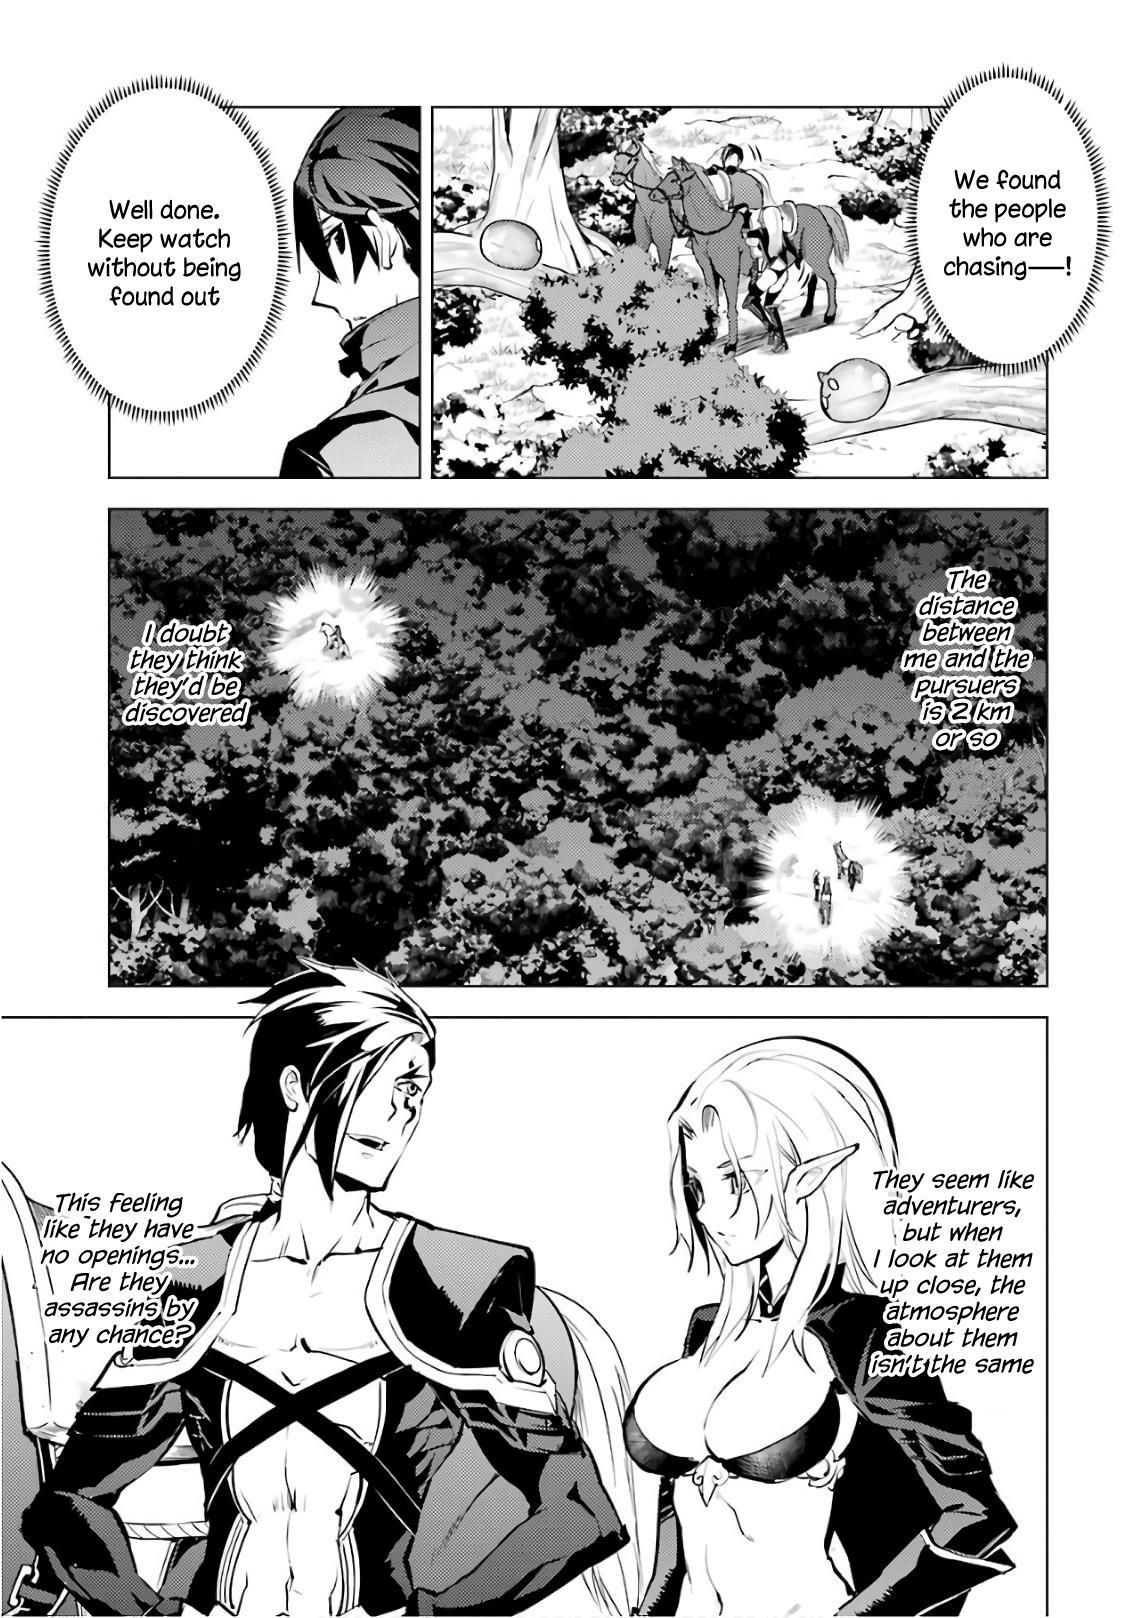 Tensei Kenja No Isekai Raifu ~Daini No Shokugyo Wo Ete, Sekai Saikyou Ni Narimashita~ Vol.5 Chapter 15: I Was Being Pursued page 13 - Mangakakalots.com